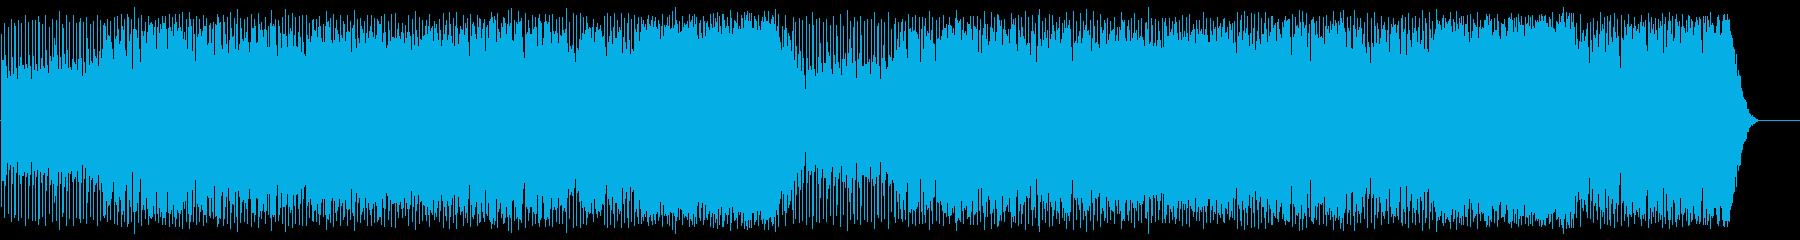 充実感を感じる清涼ポップ(フルサイズ)の再生済みの波形